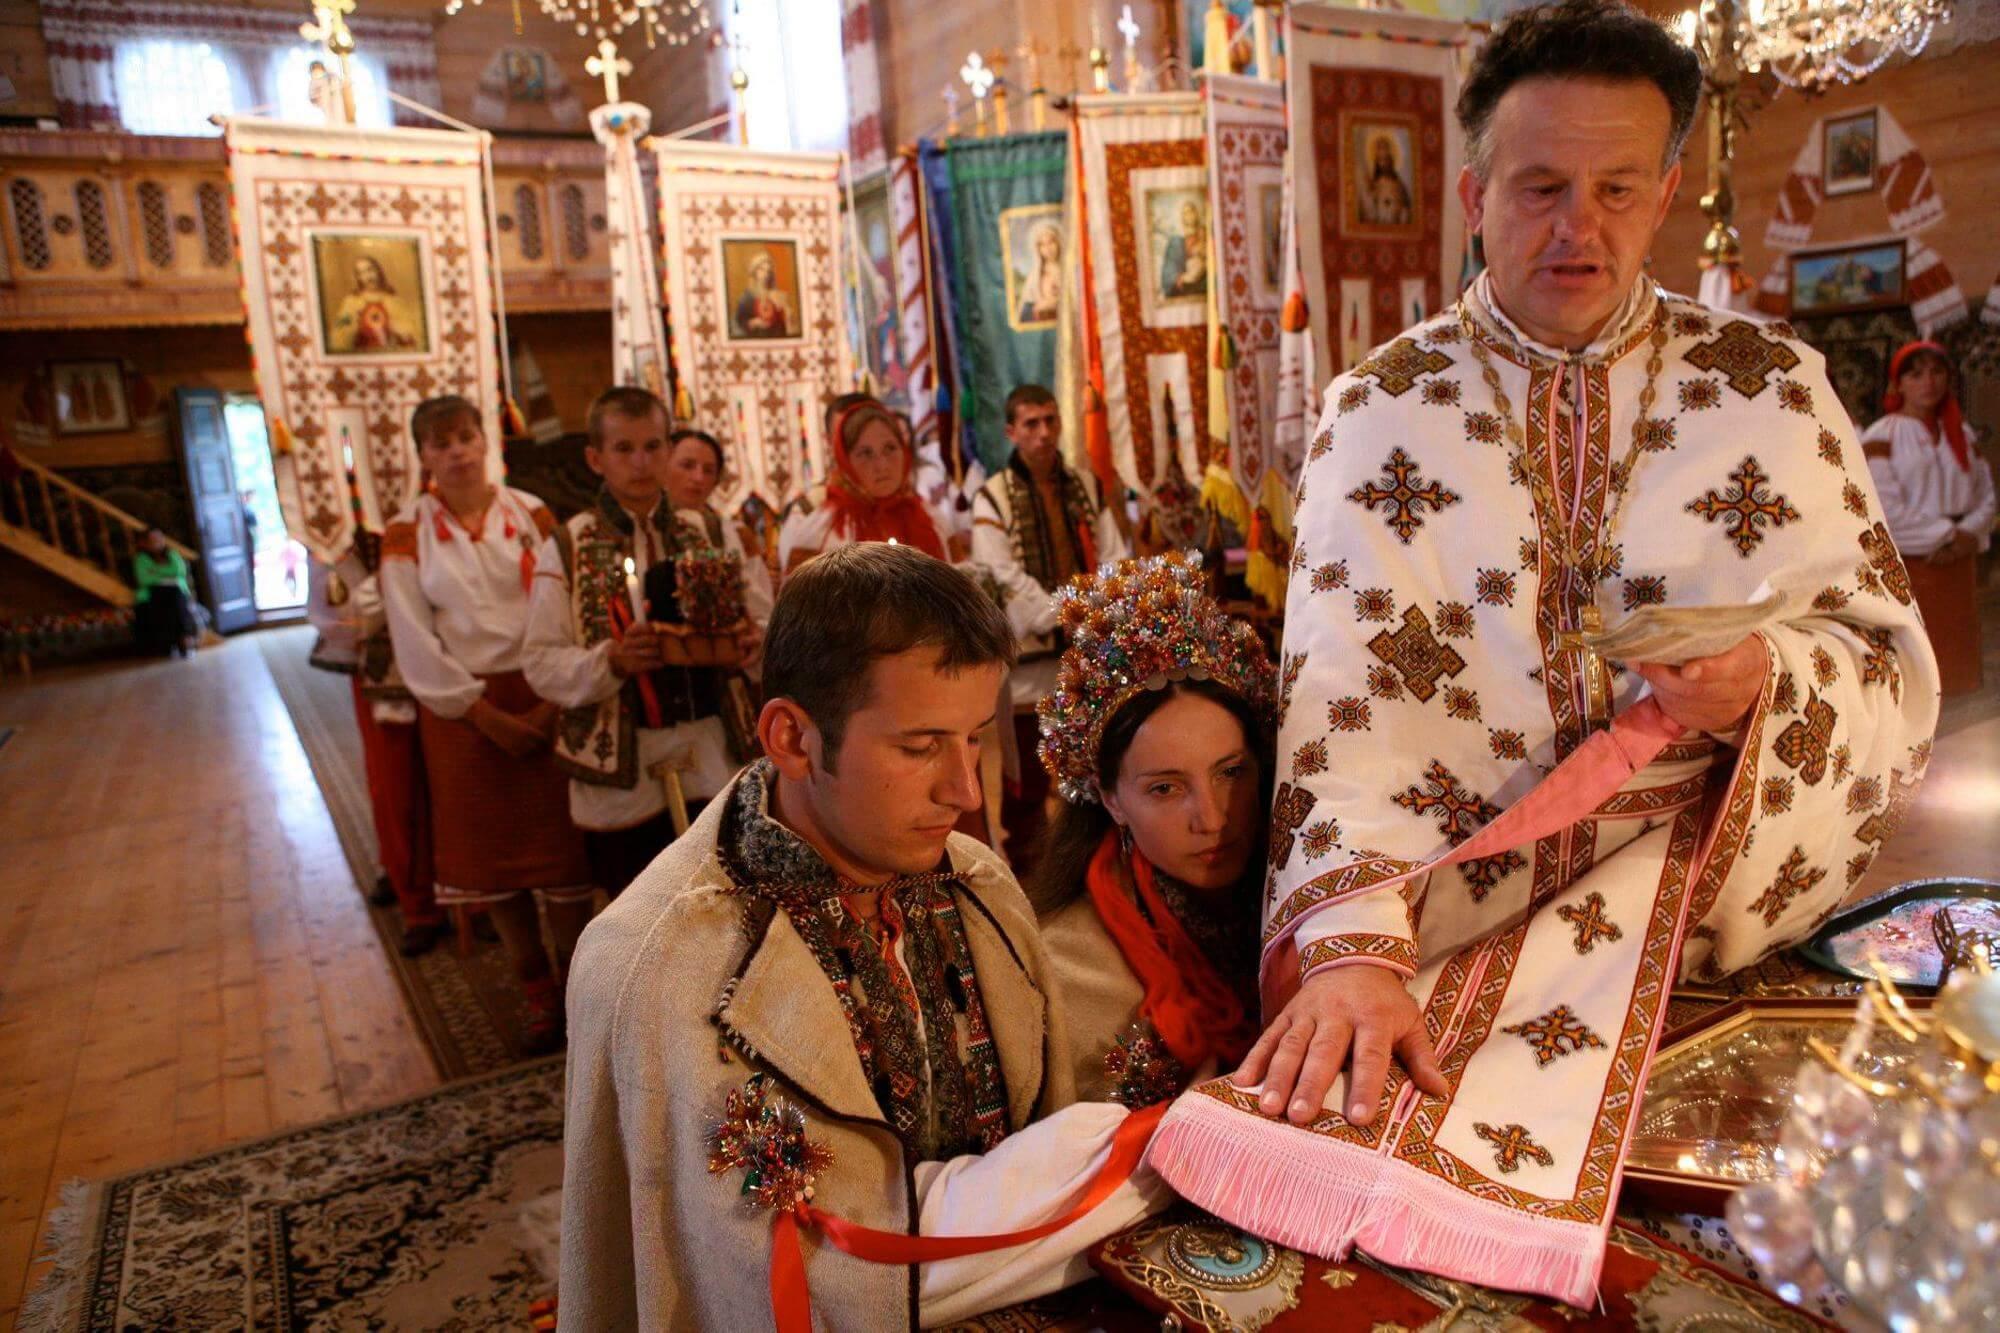 Без нареченої та нареченого: як виглядає традиційне гуцульське весілля (ФОТО, ВІДЕО)